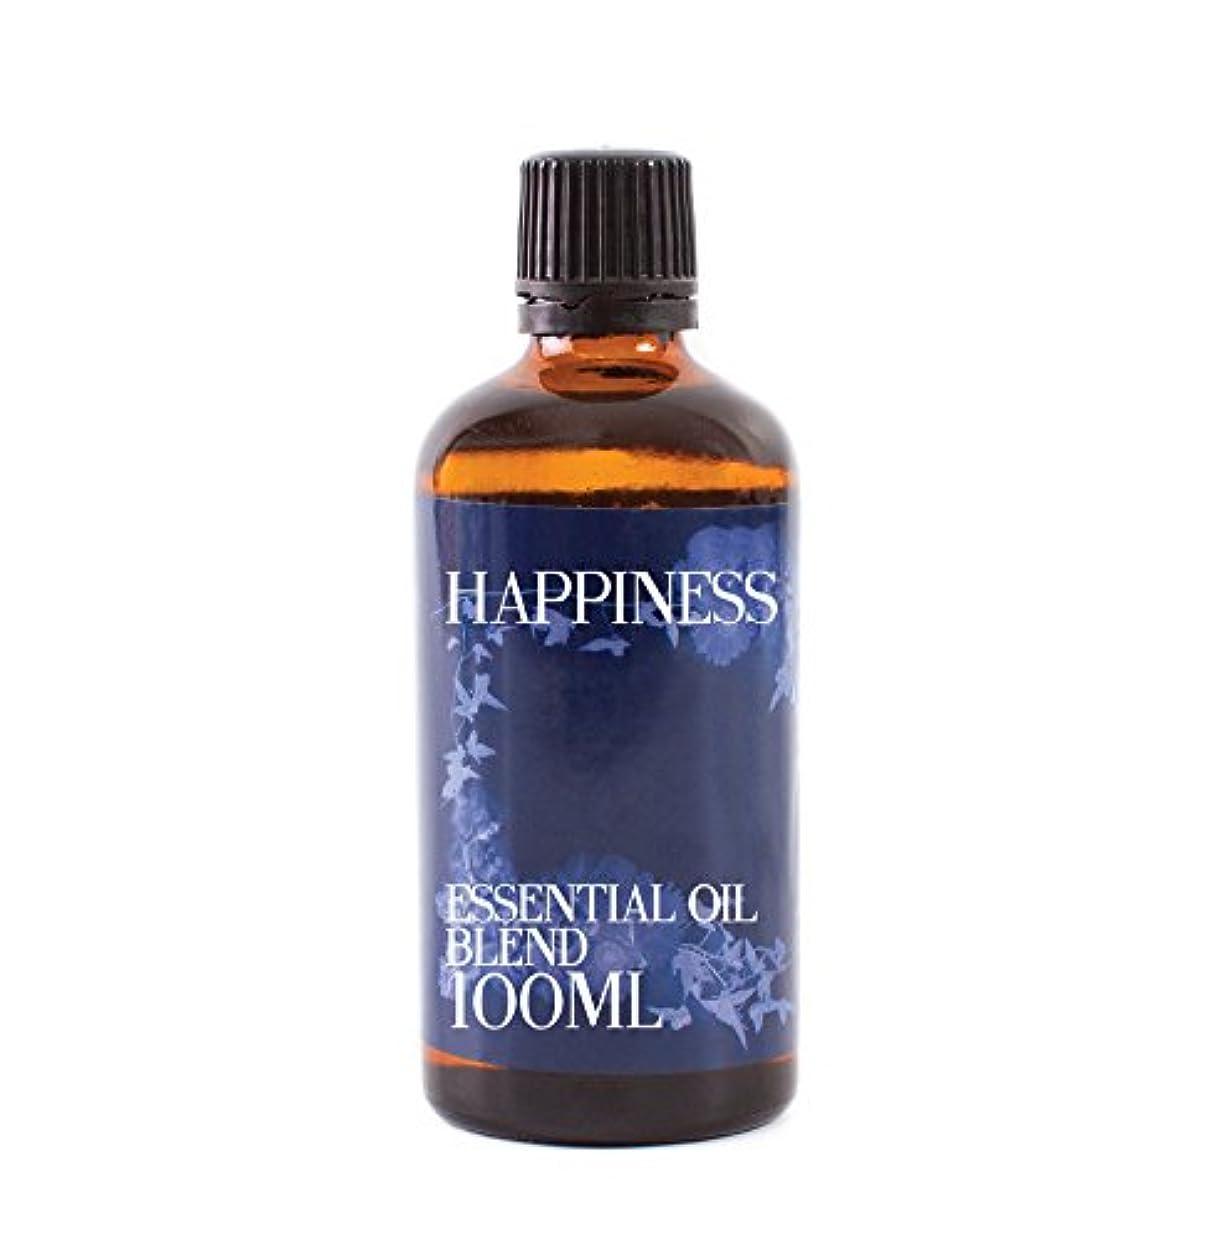 夢中タンパク質休憩するMystix London | Happiness Essential Oil Blend - 100ml - 100% Pure